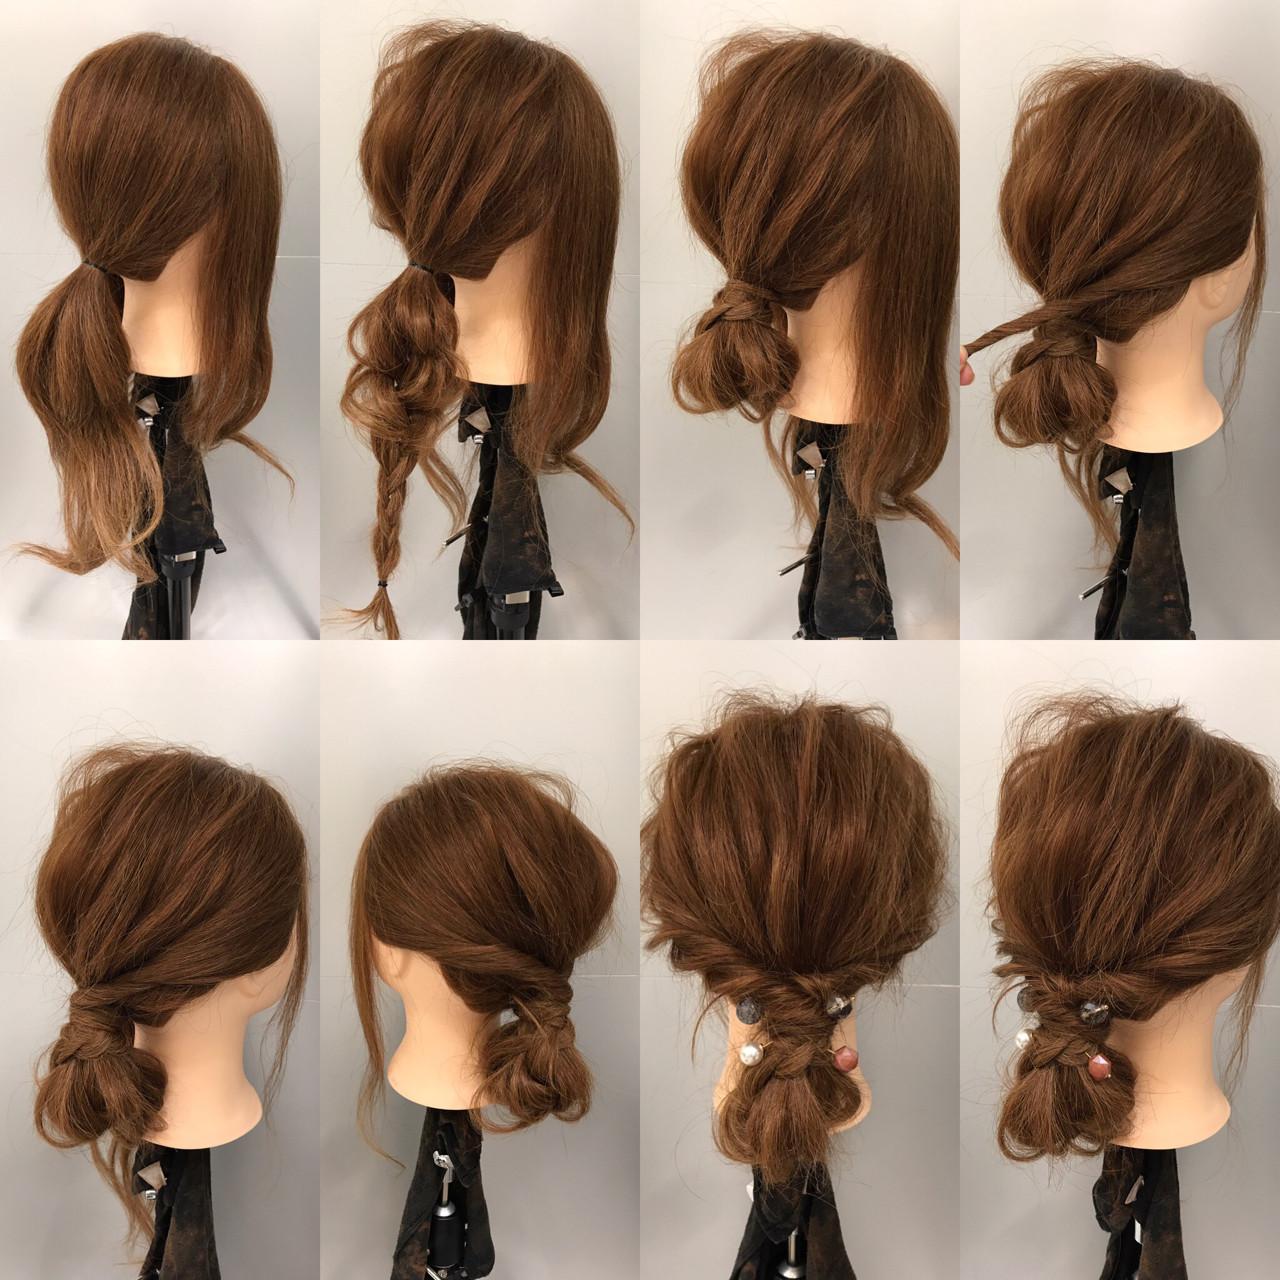 ナチュラル 簡単ヘアアレンジ ショート デート ヘアスタイルや髪型の写真・画像